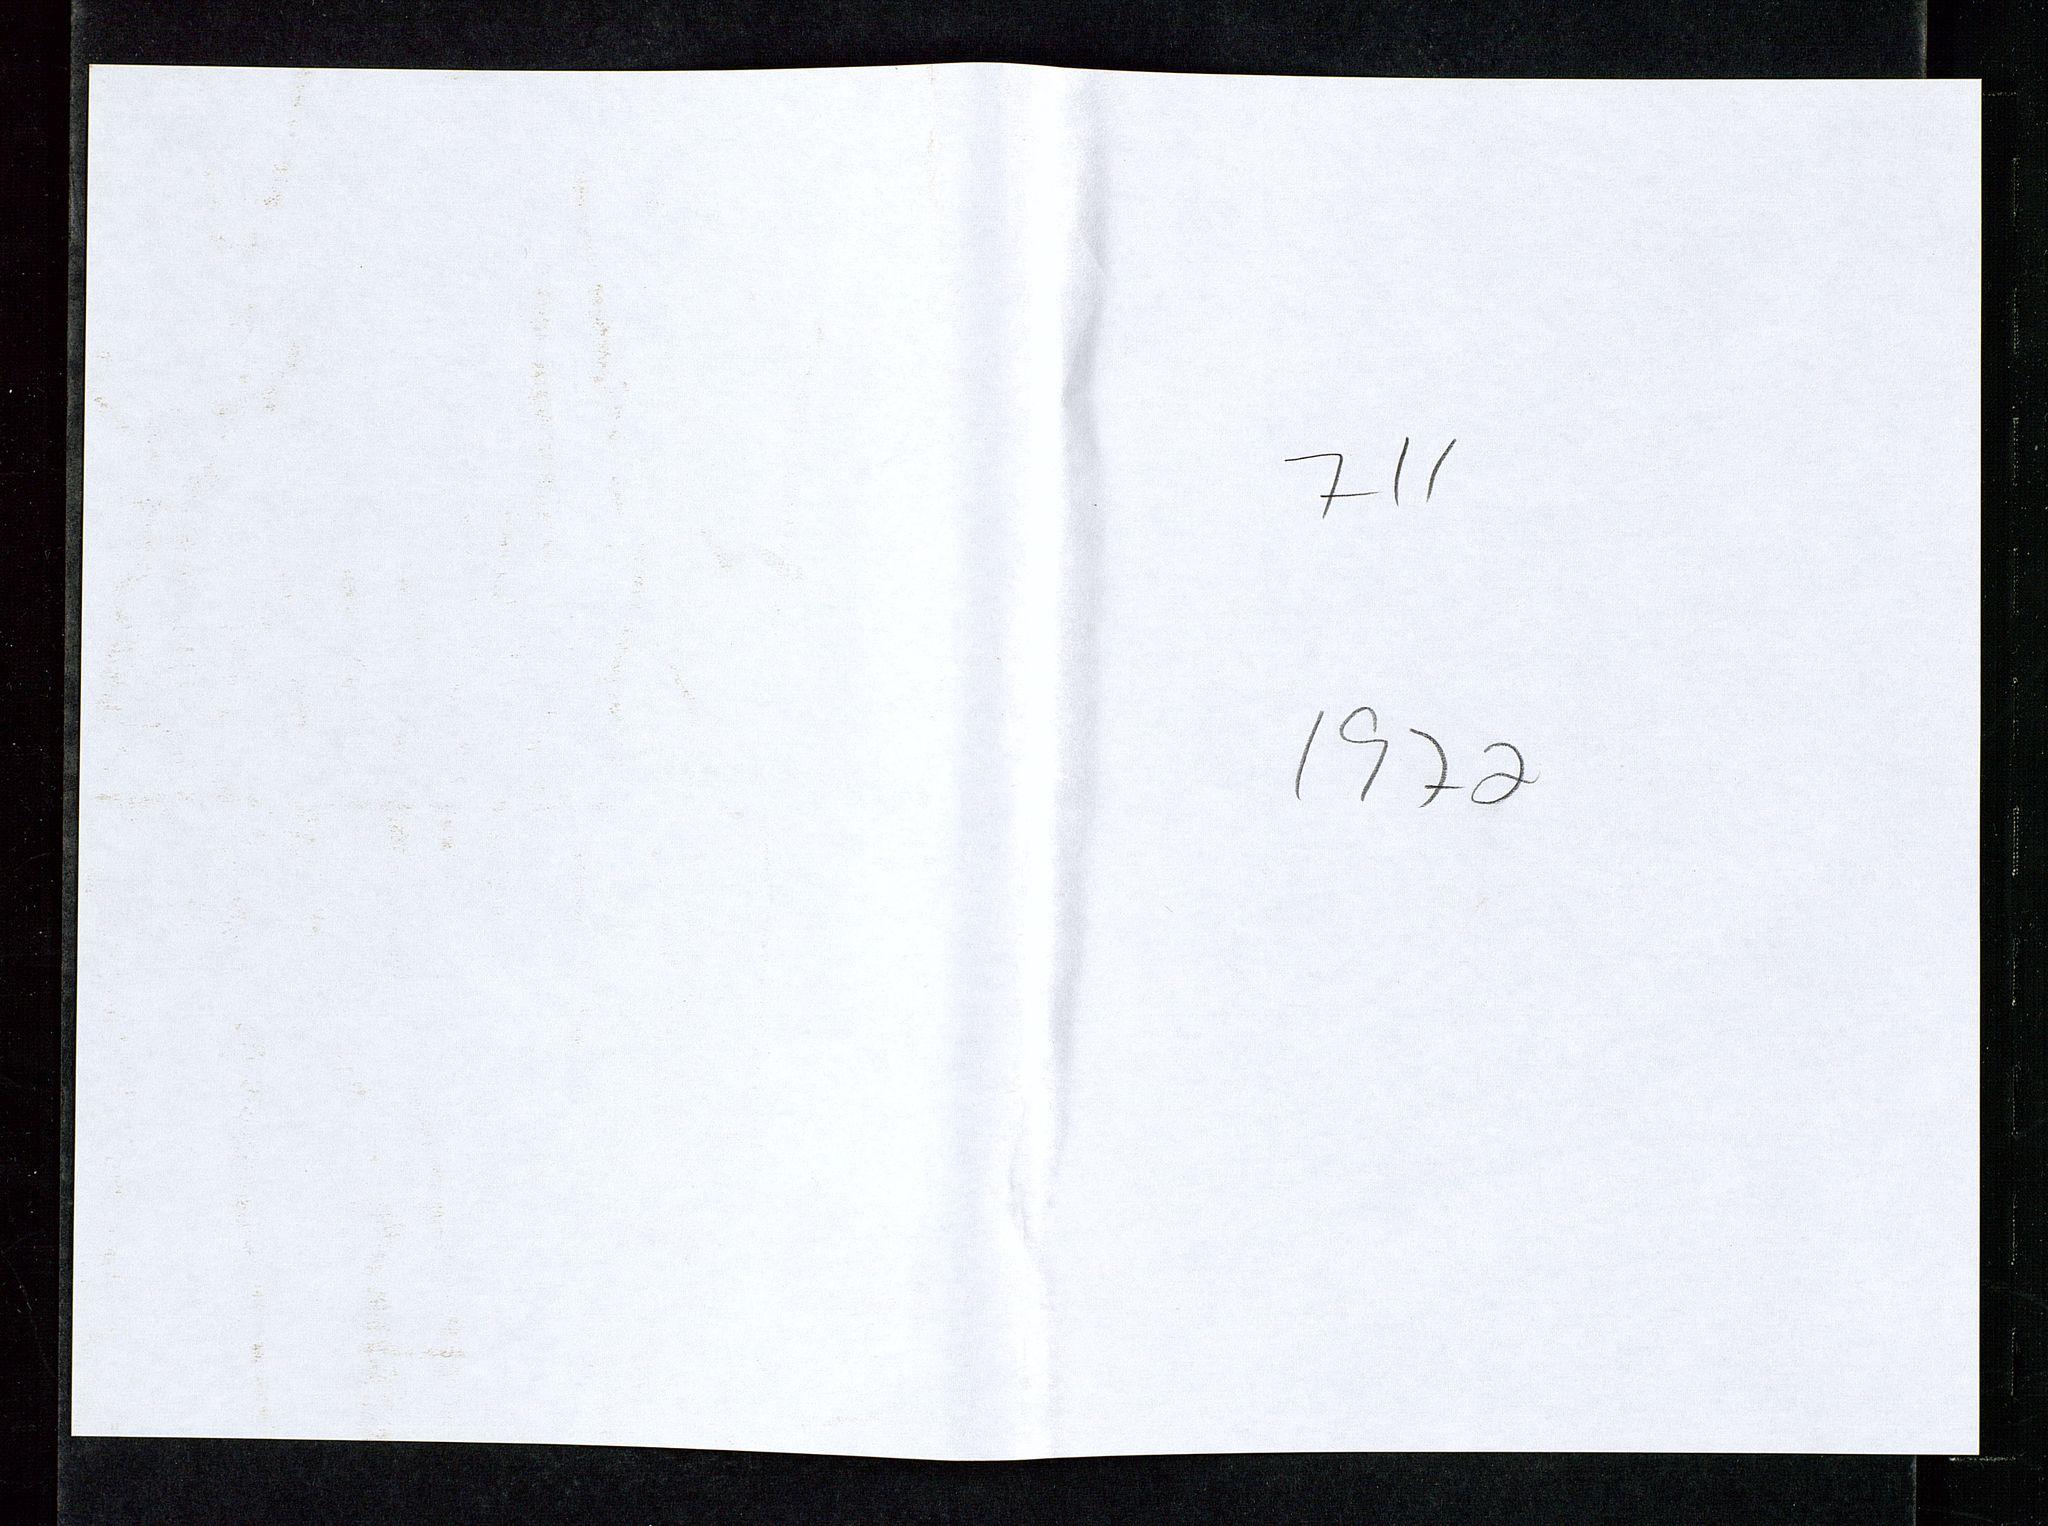 SAST, Industridepartementet, Oljekontoret, Da/L0004: Arkivnøkkel 711 - 712 Utvinningstillatelser, 1970-1971, s. 552